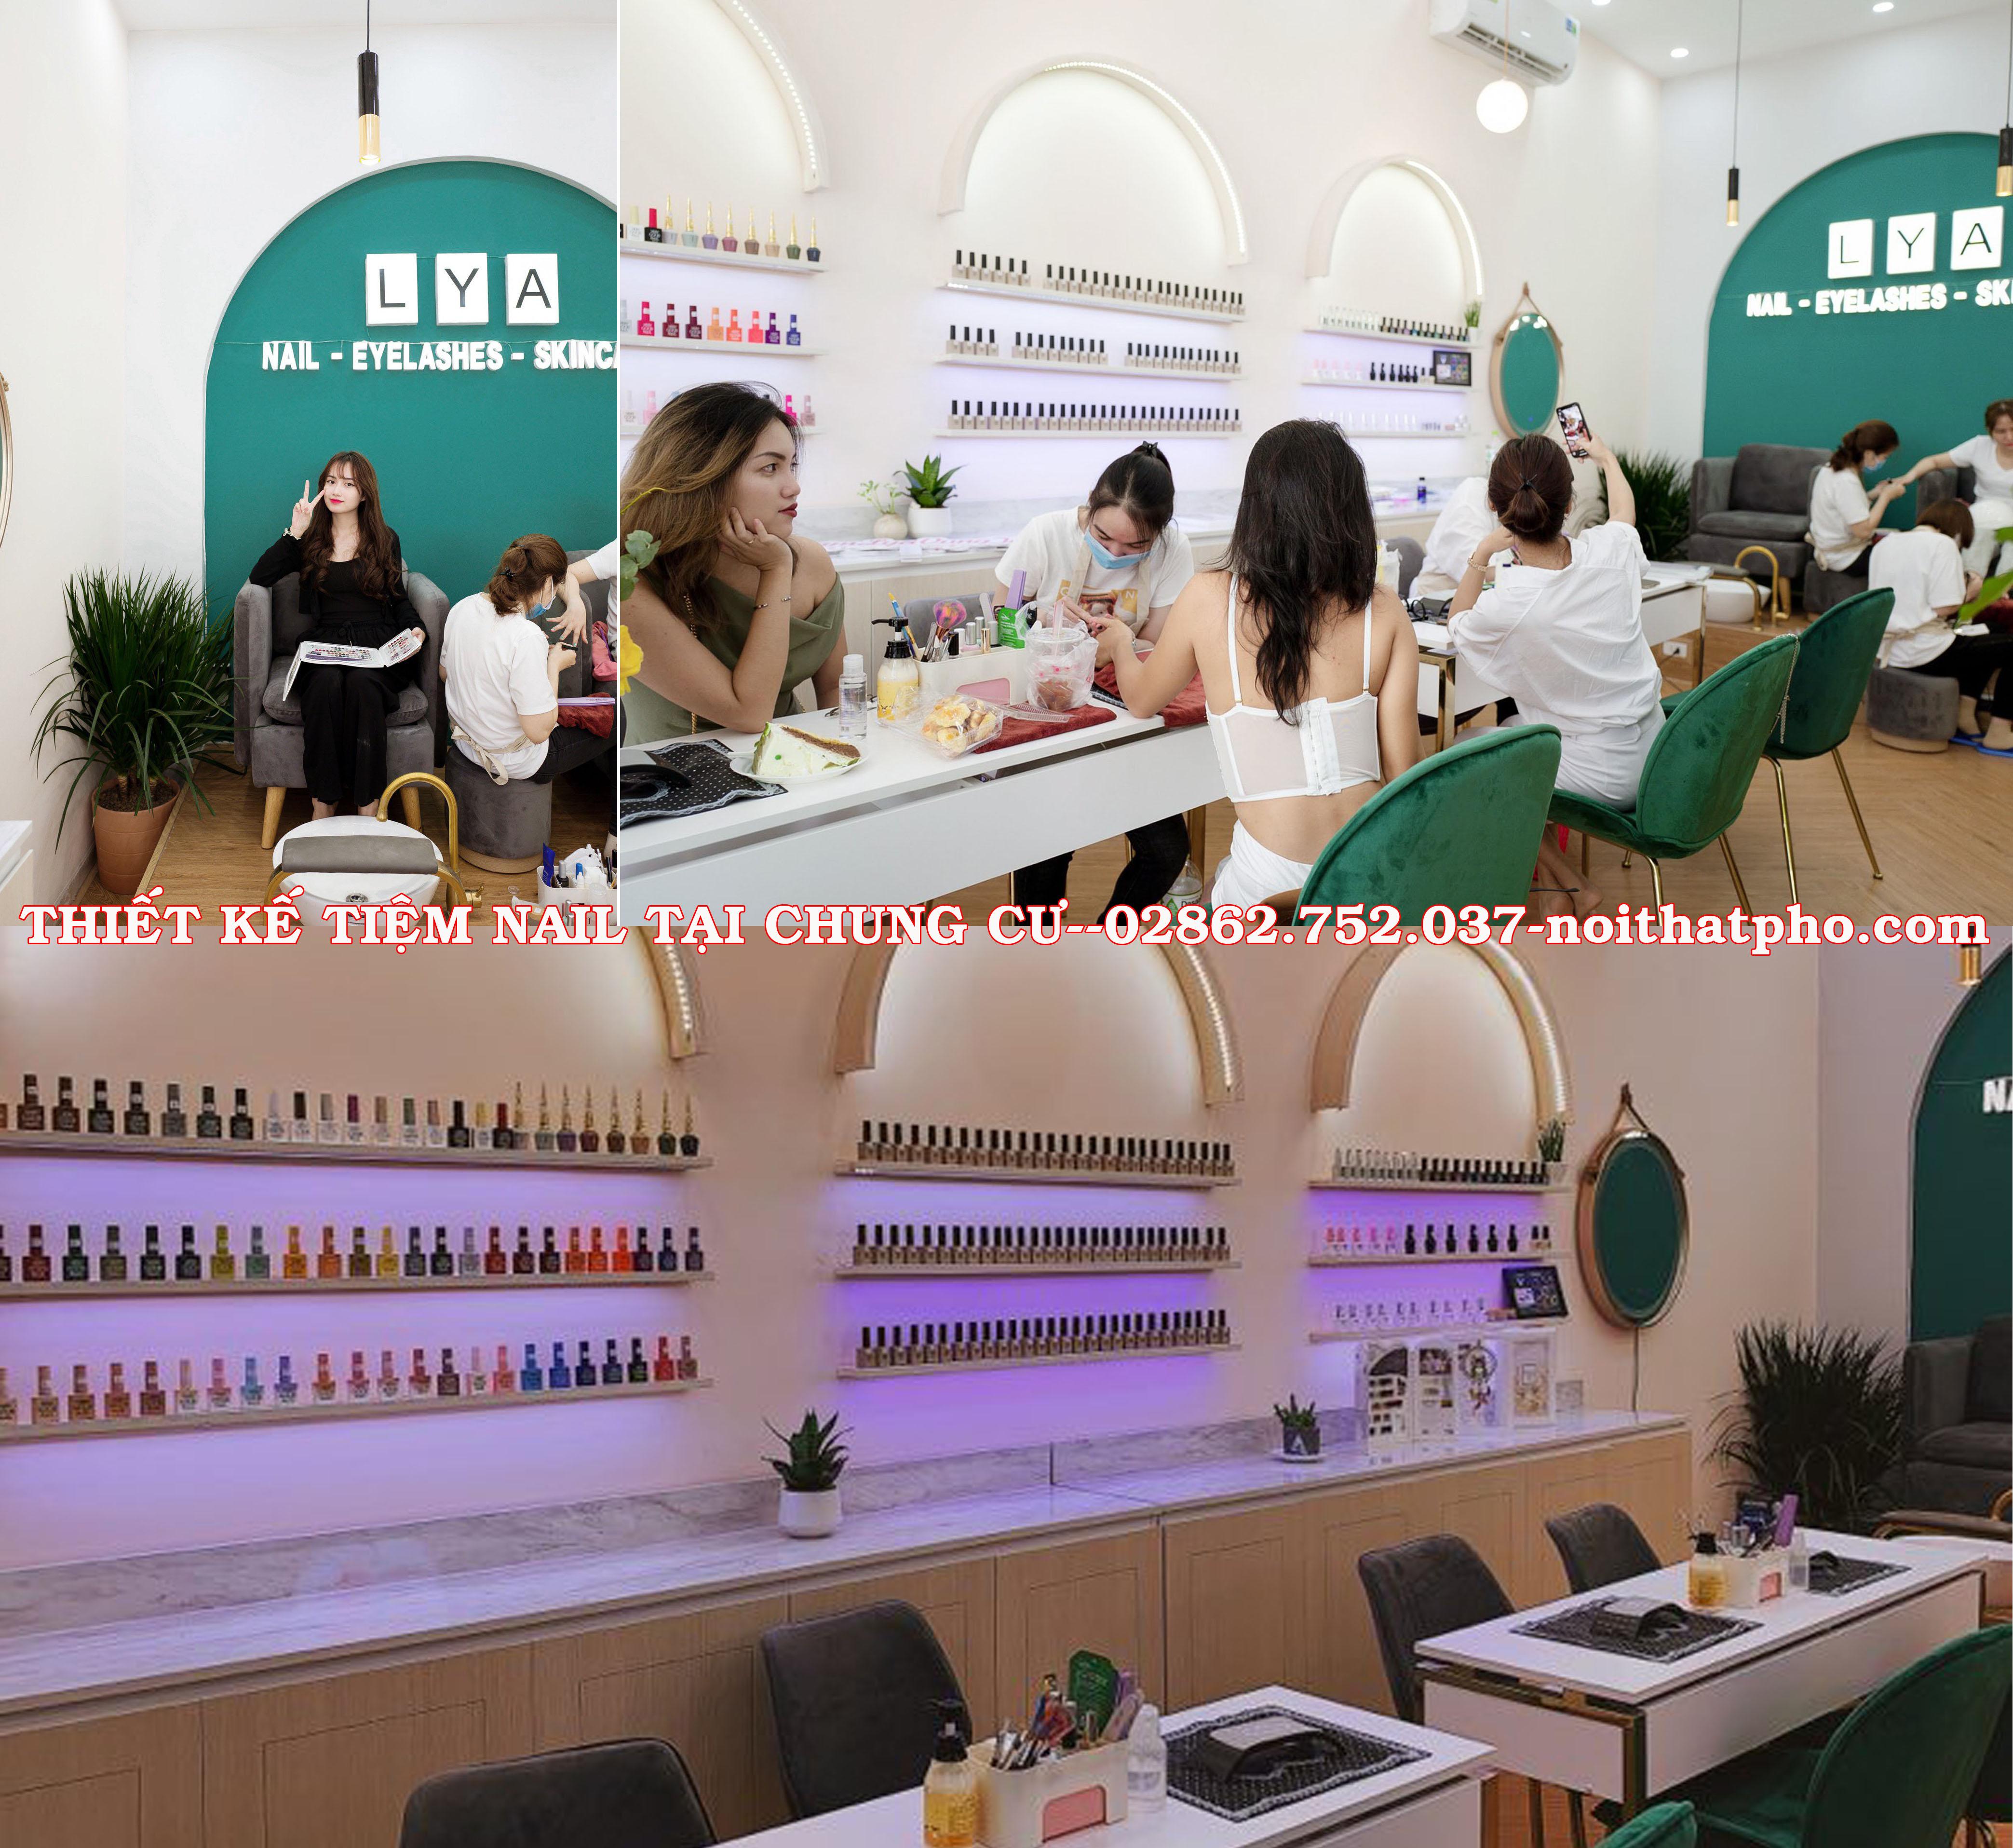 Tư vấn đầu tư Tiệm Nail tại Chung Cư, Siêu thị, Tòa nhà, Trung Tâm thương mại